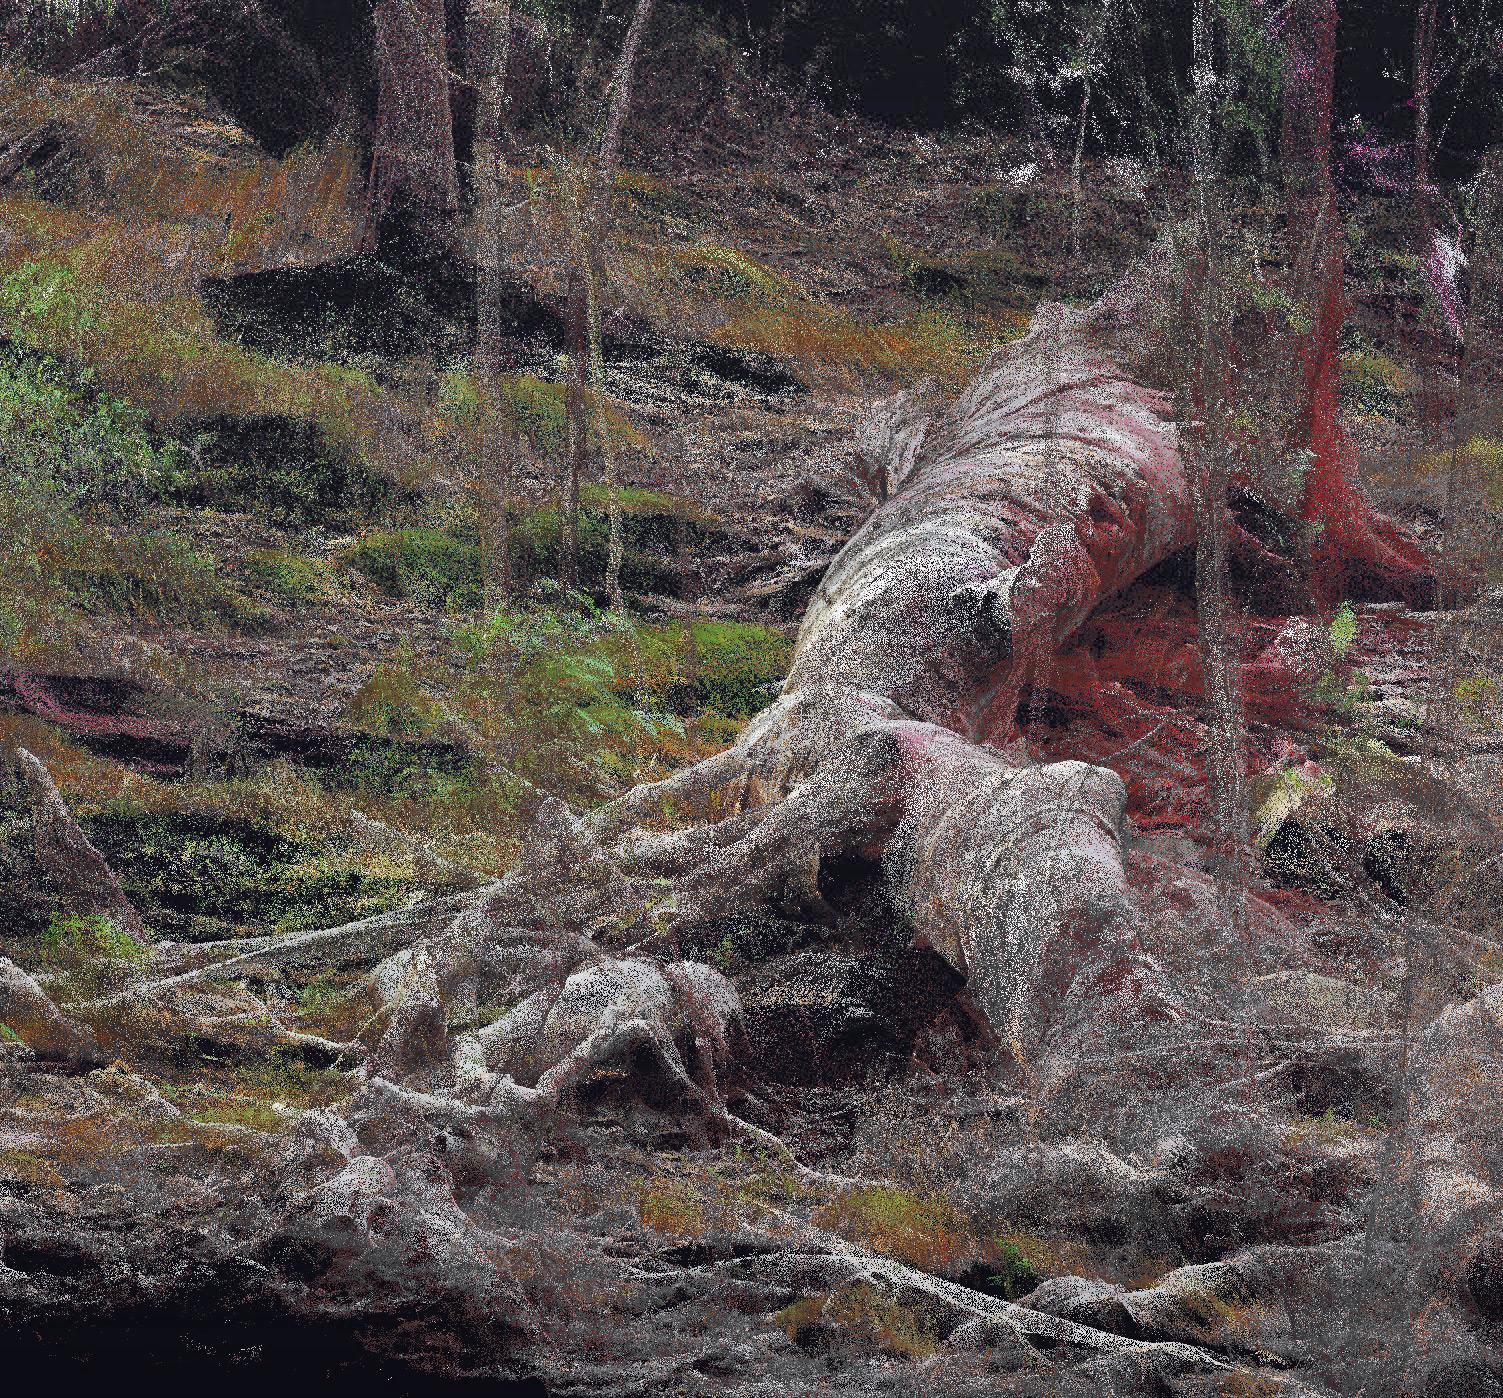 Lidar scan of a dead Eucalyptus tree